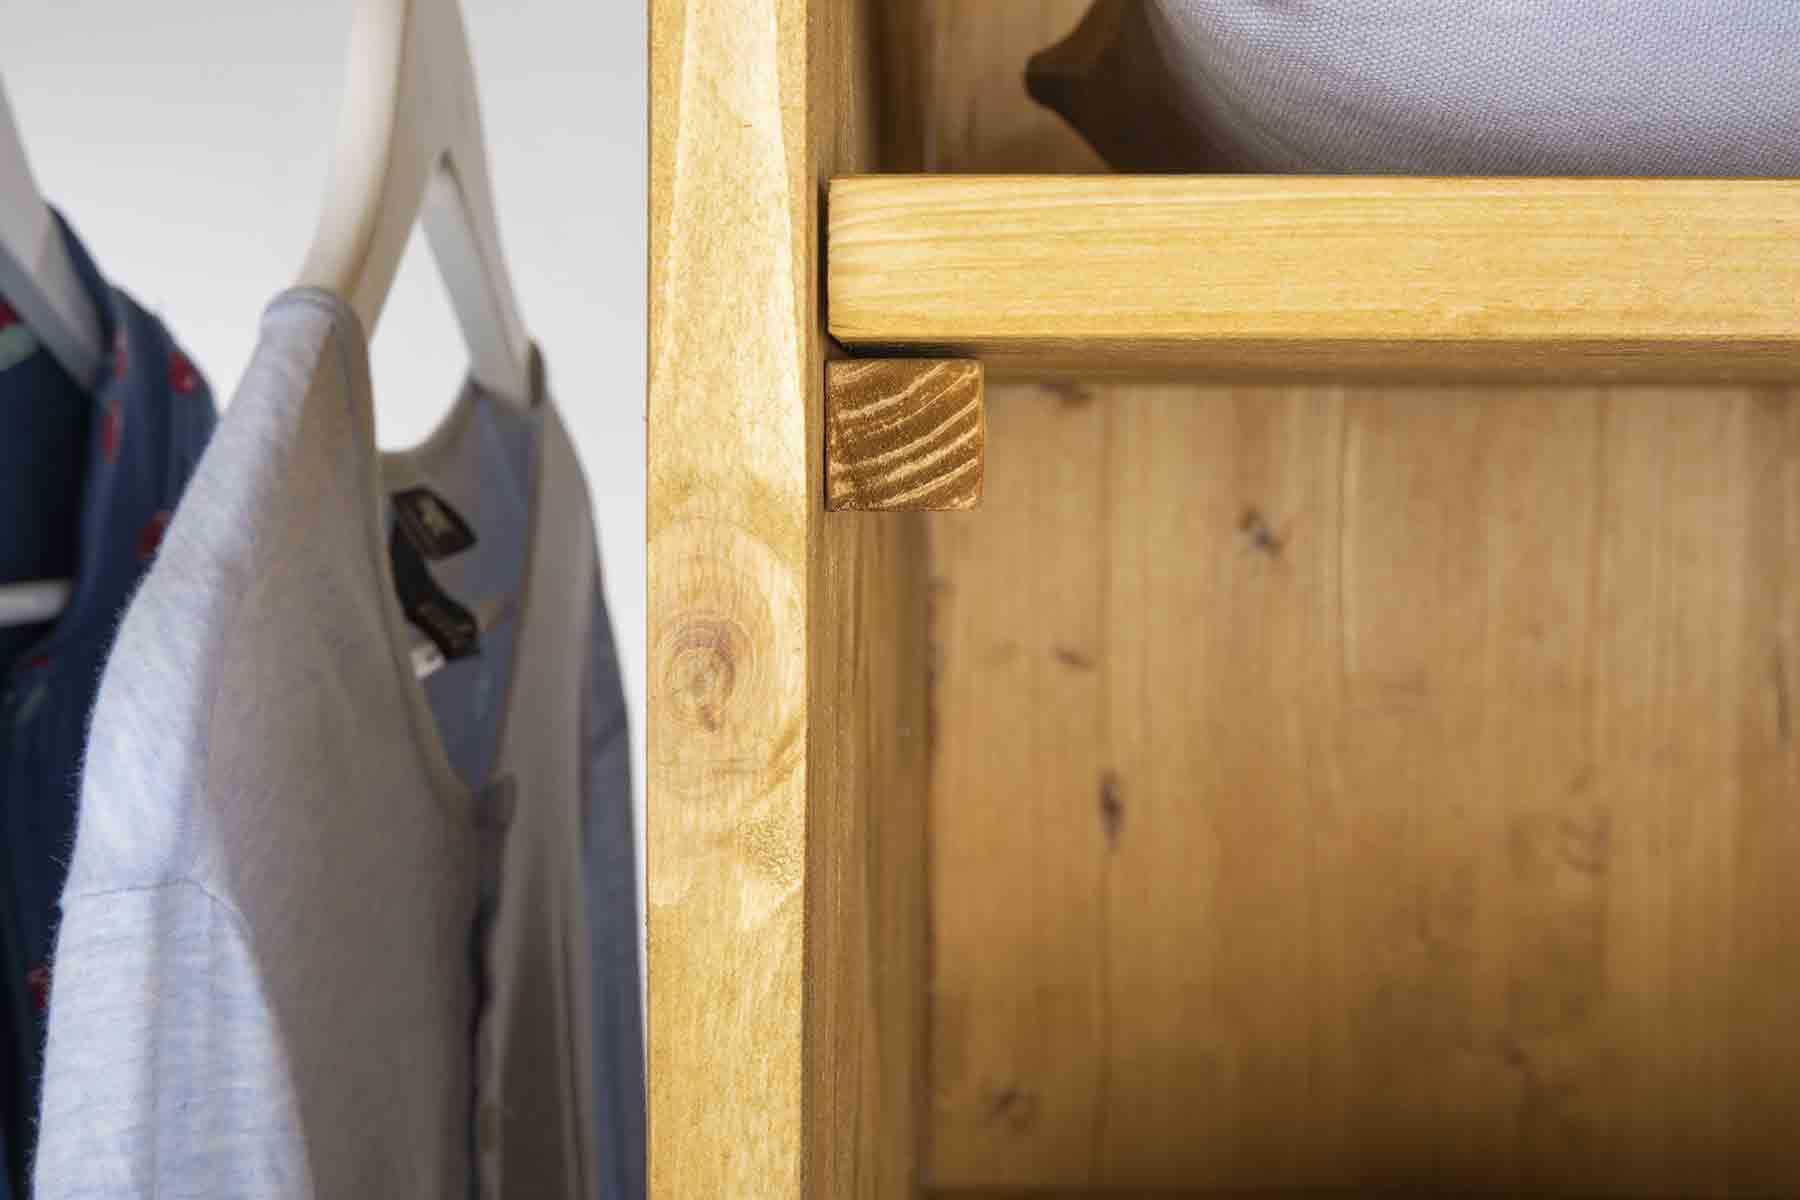 das mobelstuck ist universell einsetzbar ob als raumteiler garderobe oder kleiderschrank flurmobel lisa ist immer ein besonderer hingucker